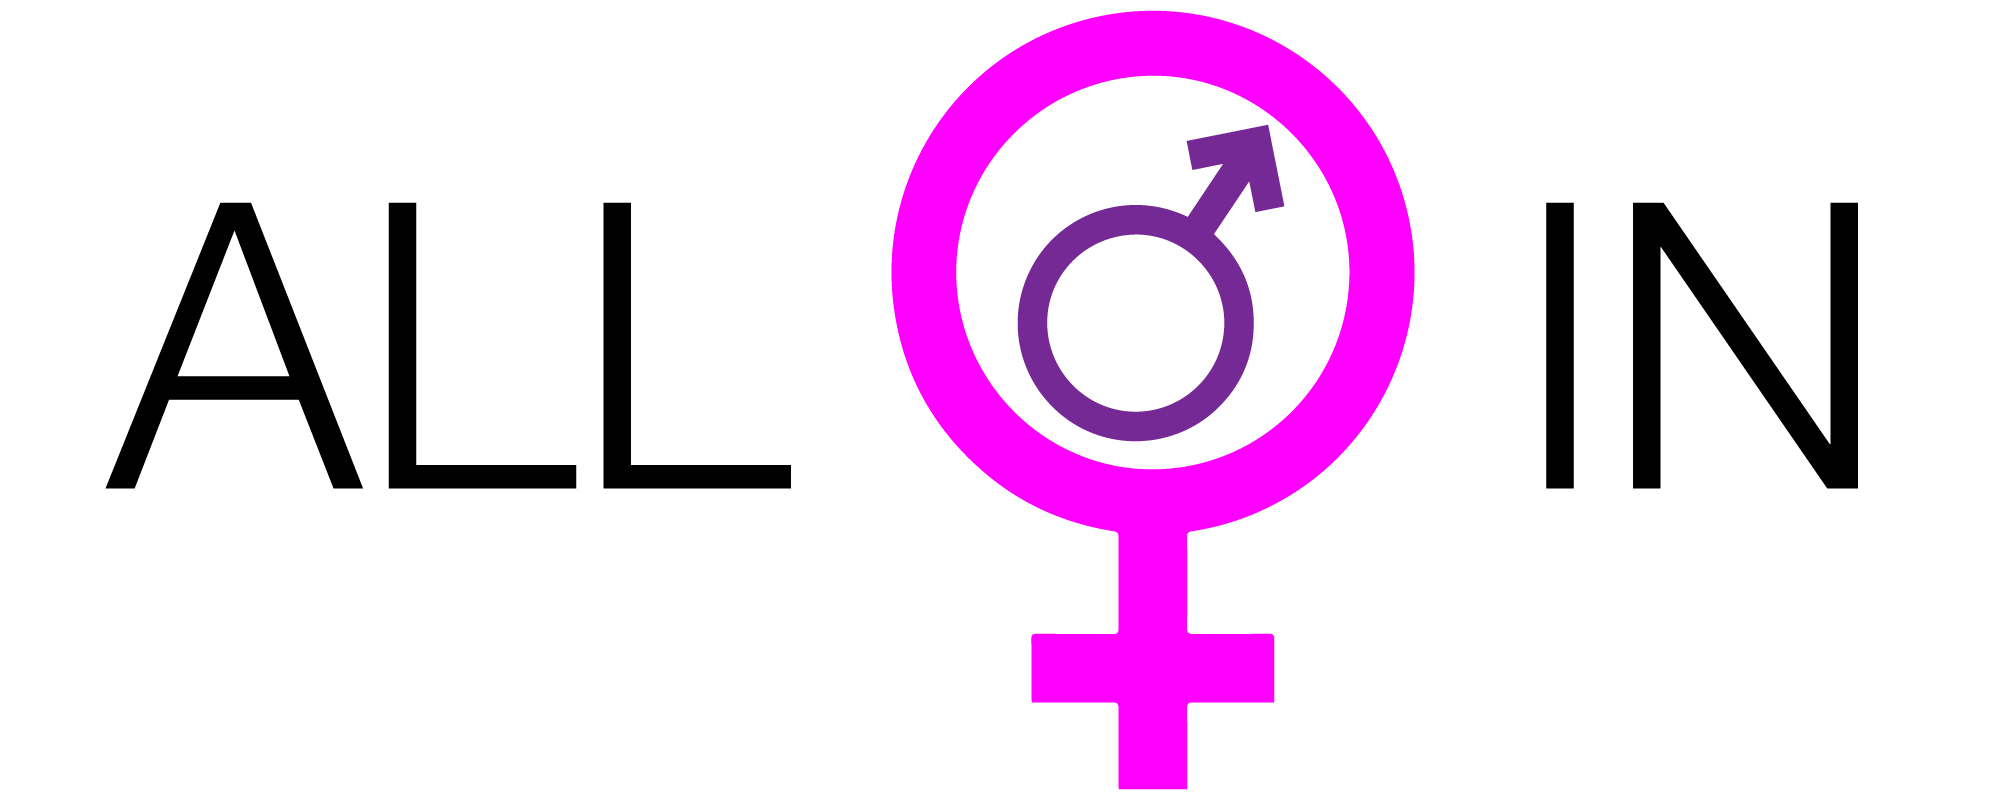 Generisches Femininum | Zentrum für ganzheitliche Traumatherapie | Helpraktikerin Petra M. Quack | Thomas M Quack Heilpaktiker für Psychotherapie